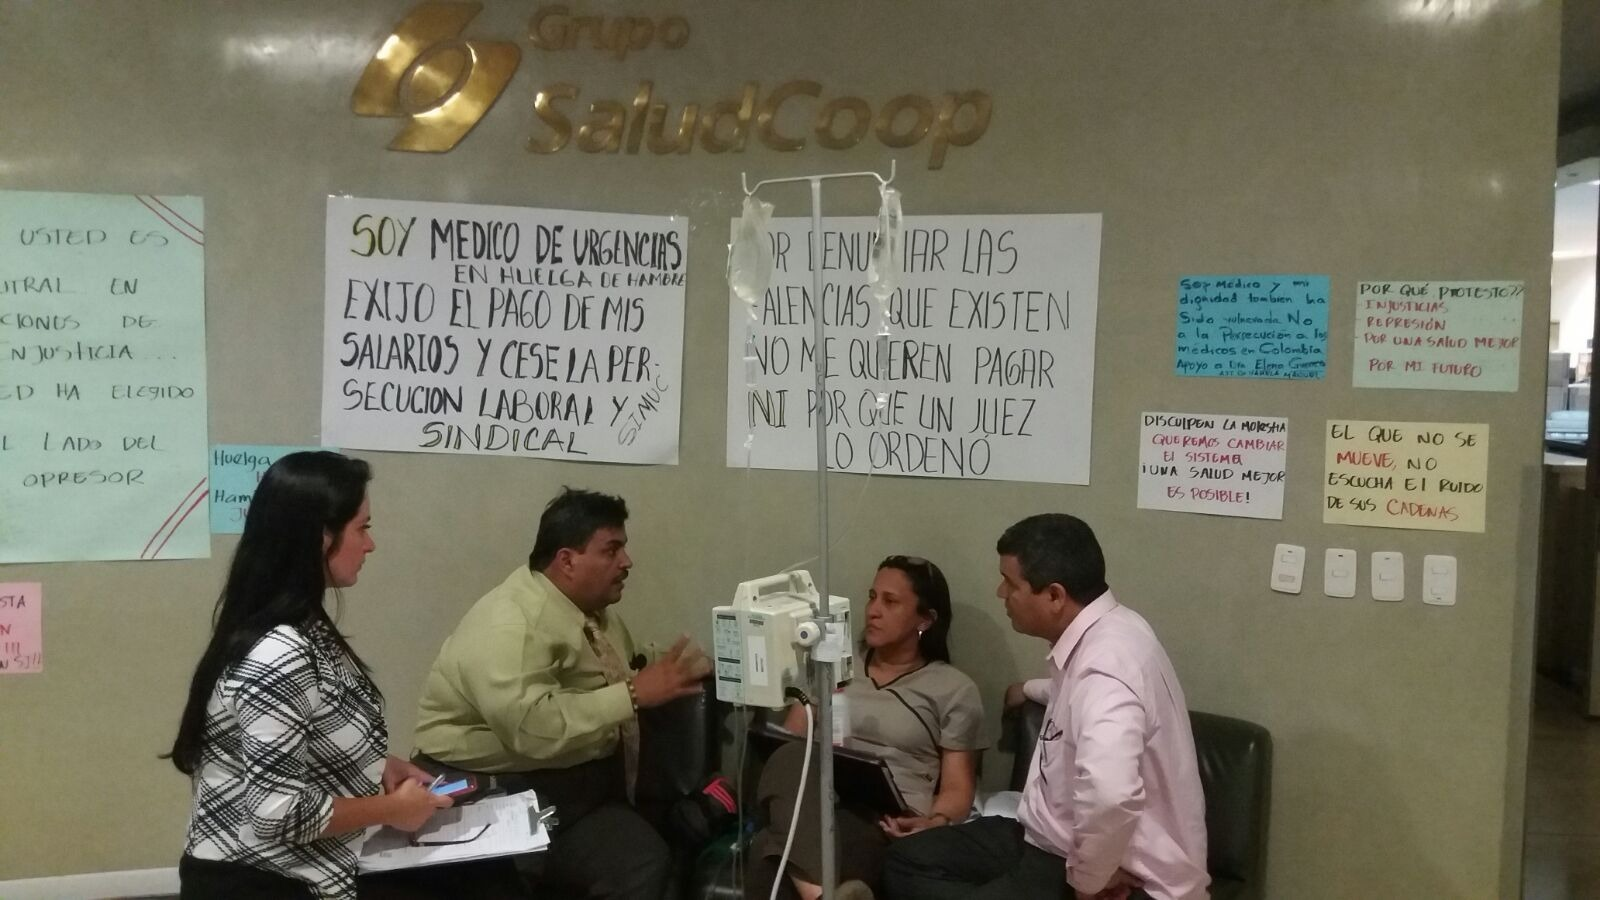 Por problemas de salud la médica Guerrero levanta huelga de hambre